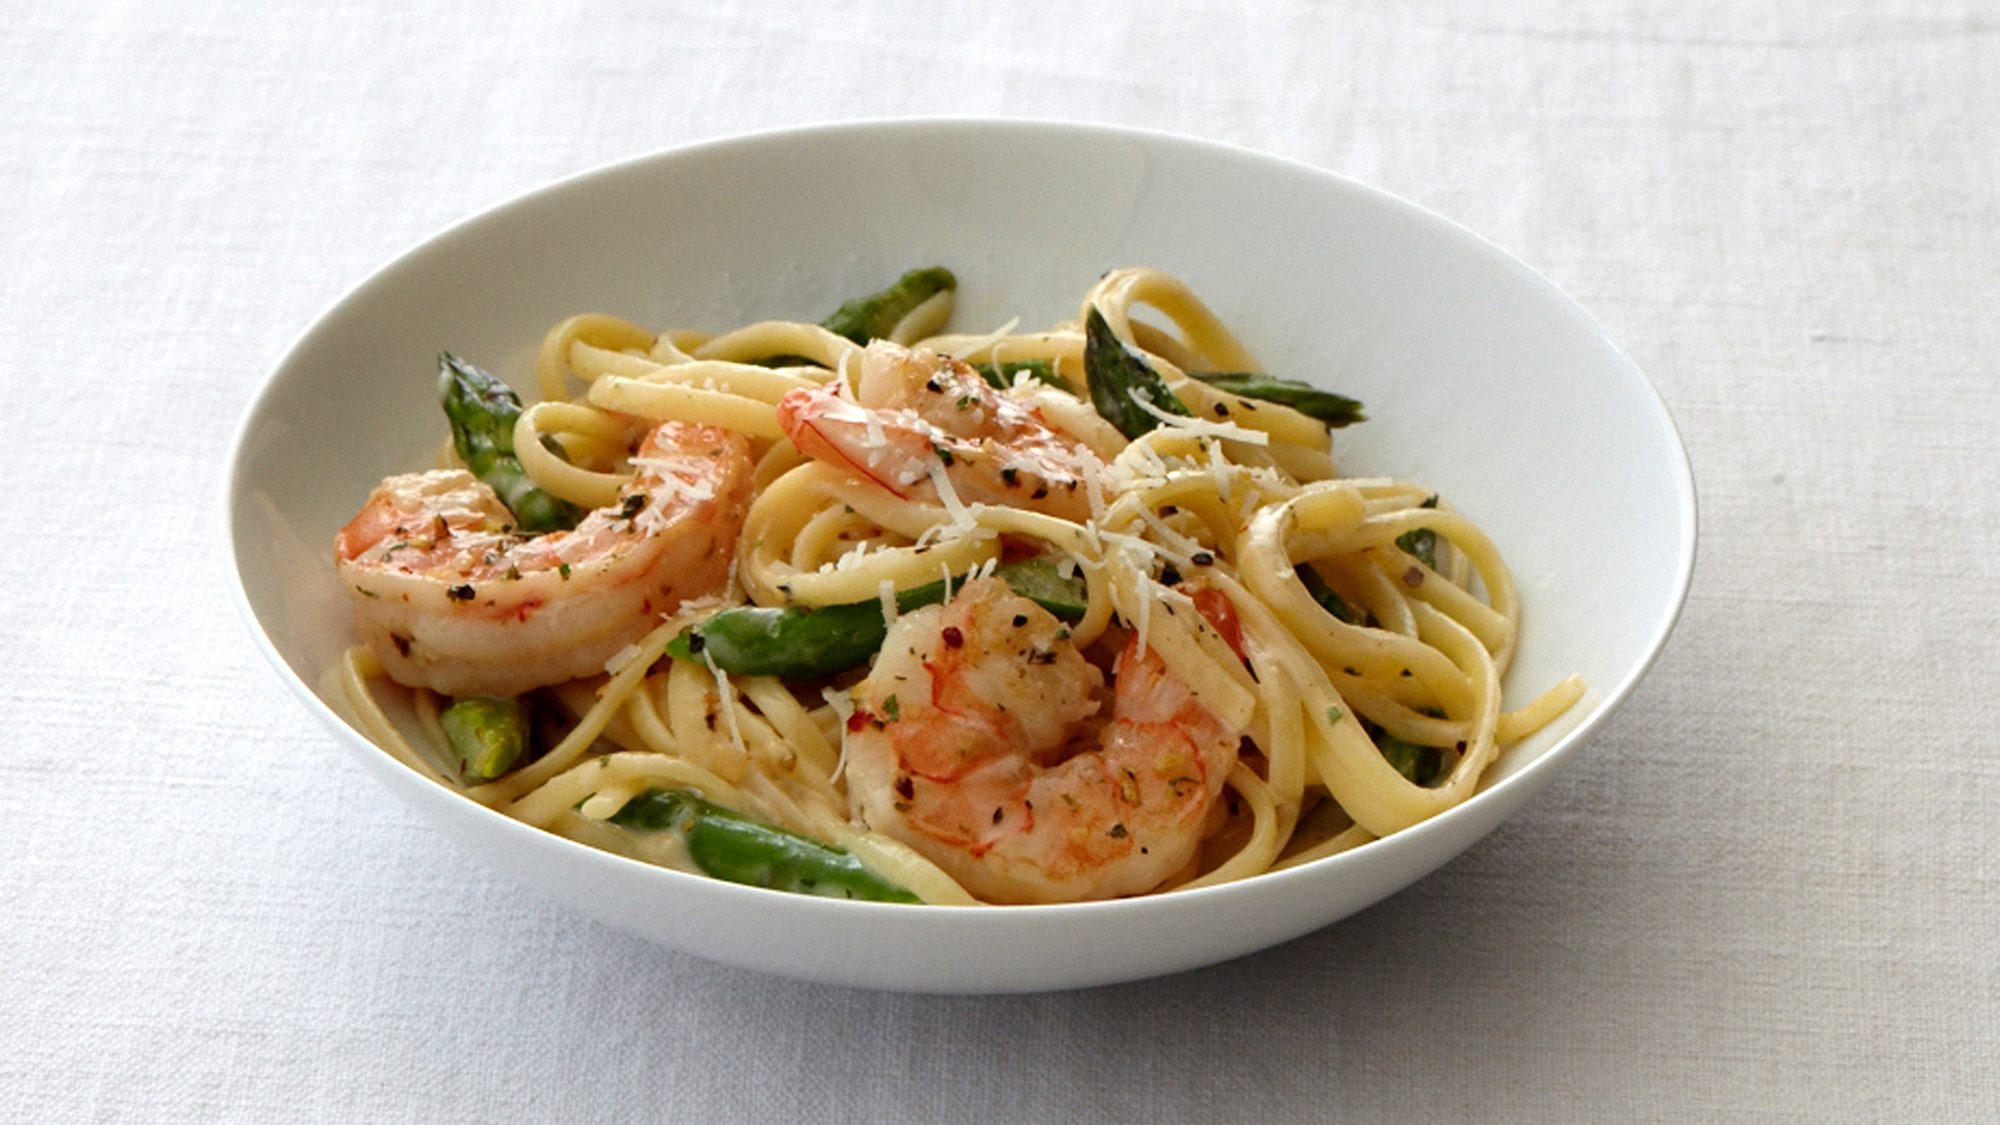 creamy-linguine-with-shrimp-and-asparagus.jpg